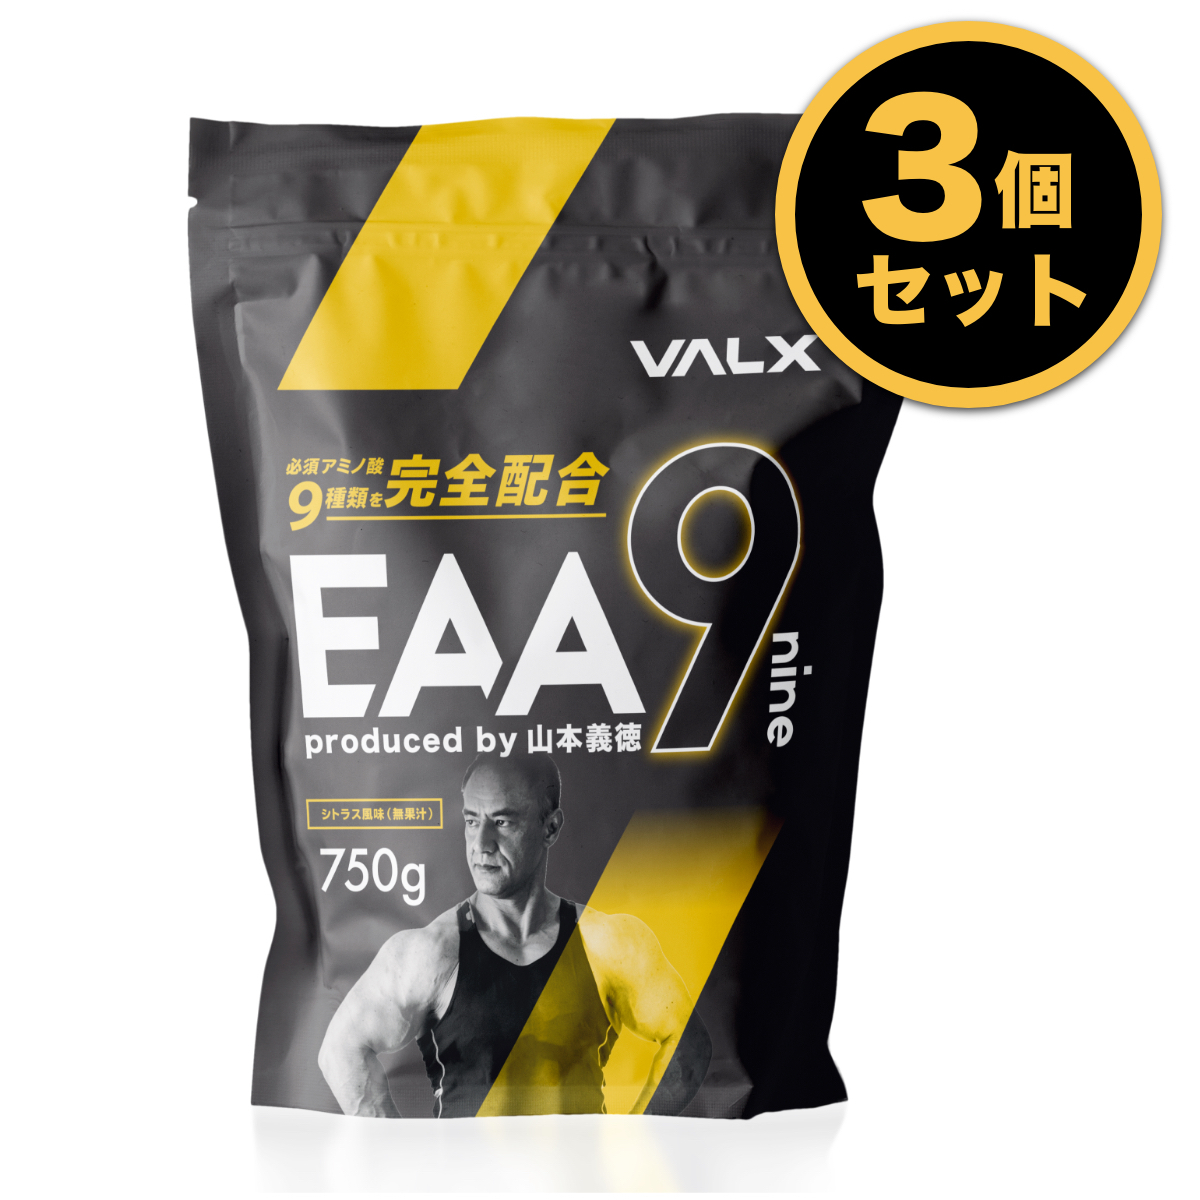 【お得な3個セット】VALX (バルクス) EAA9 Produced by 山本義徳 750g シトラス風味 EAA 必須アミノ酸 イーエーエー ナイン ベータアラニン 配合 男性 女性 ダイエット 筋トレ サプリ オススメ :VALX ONLINE STORE